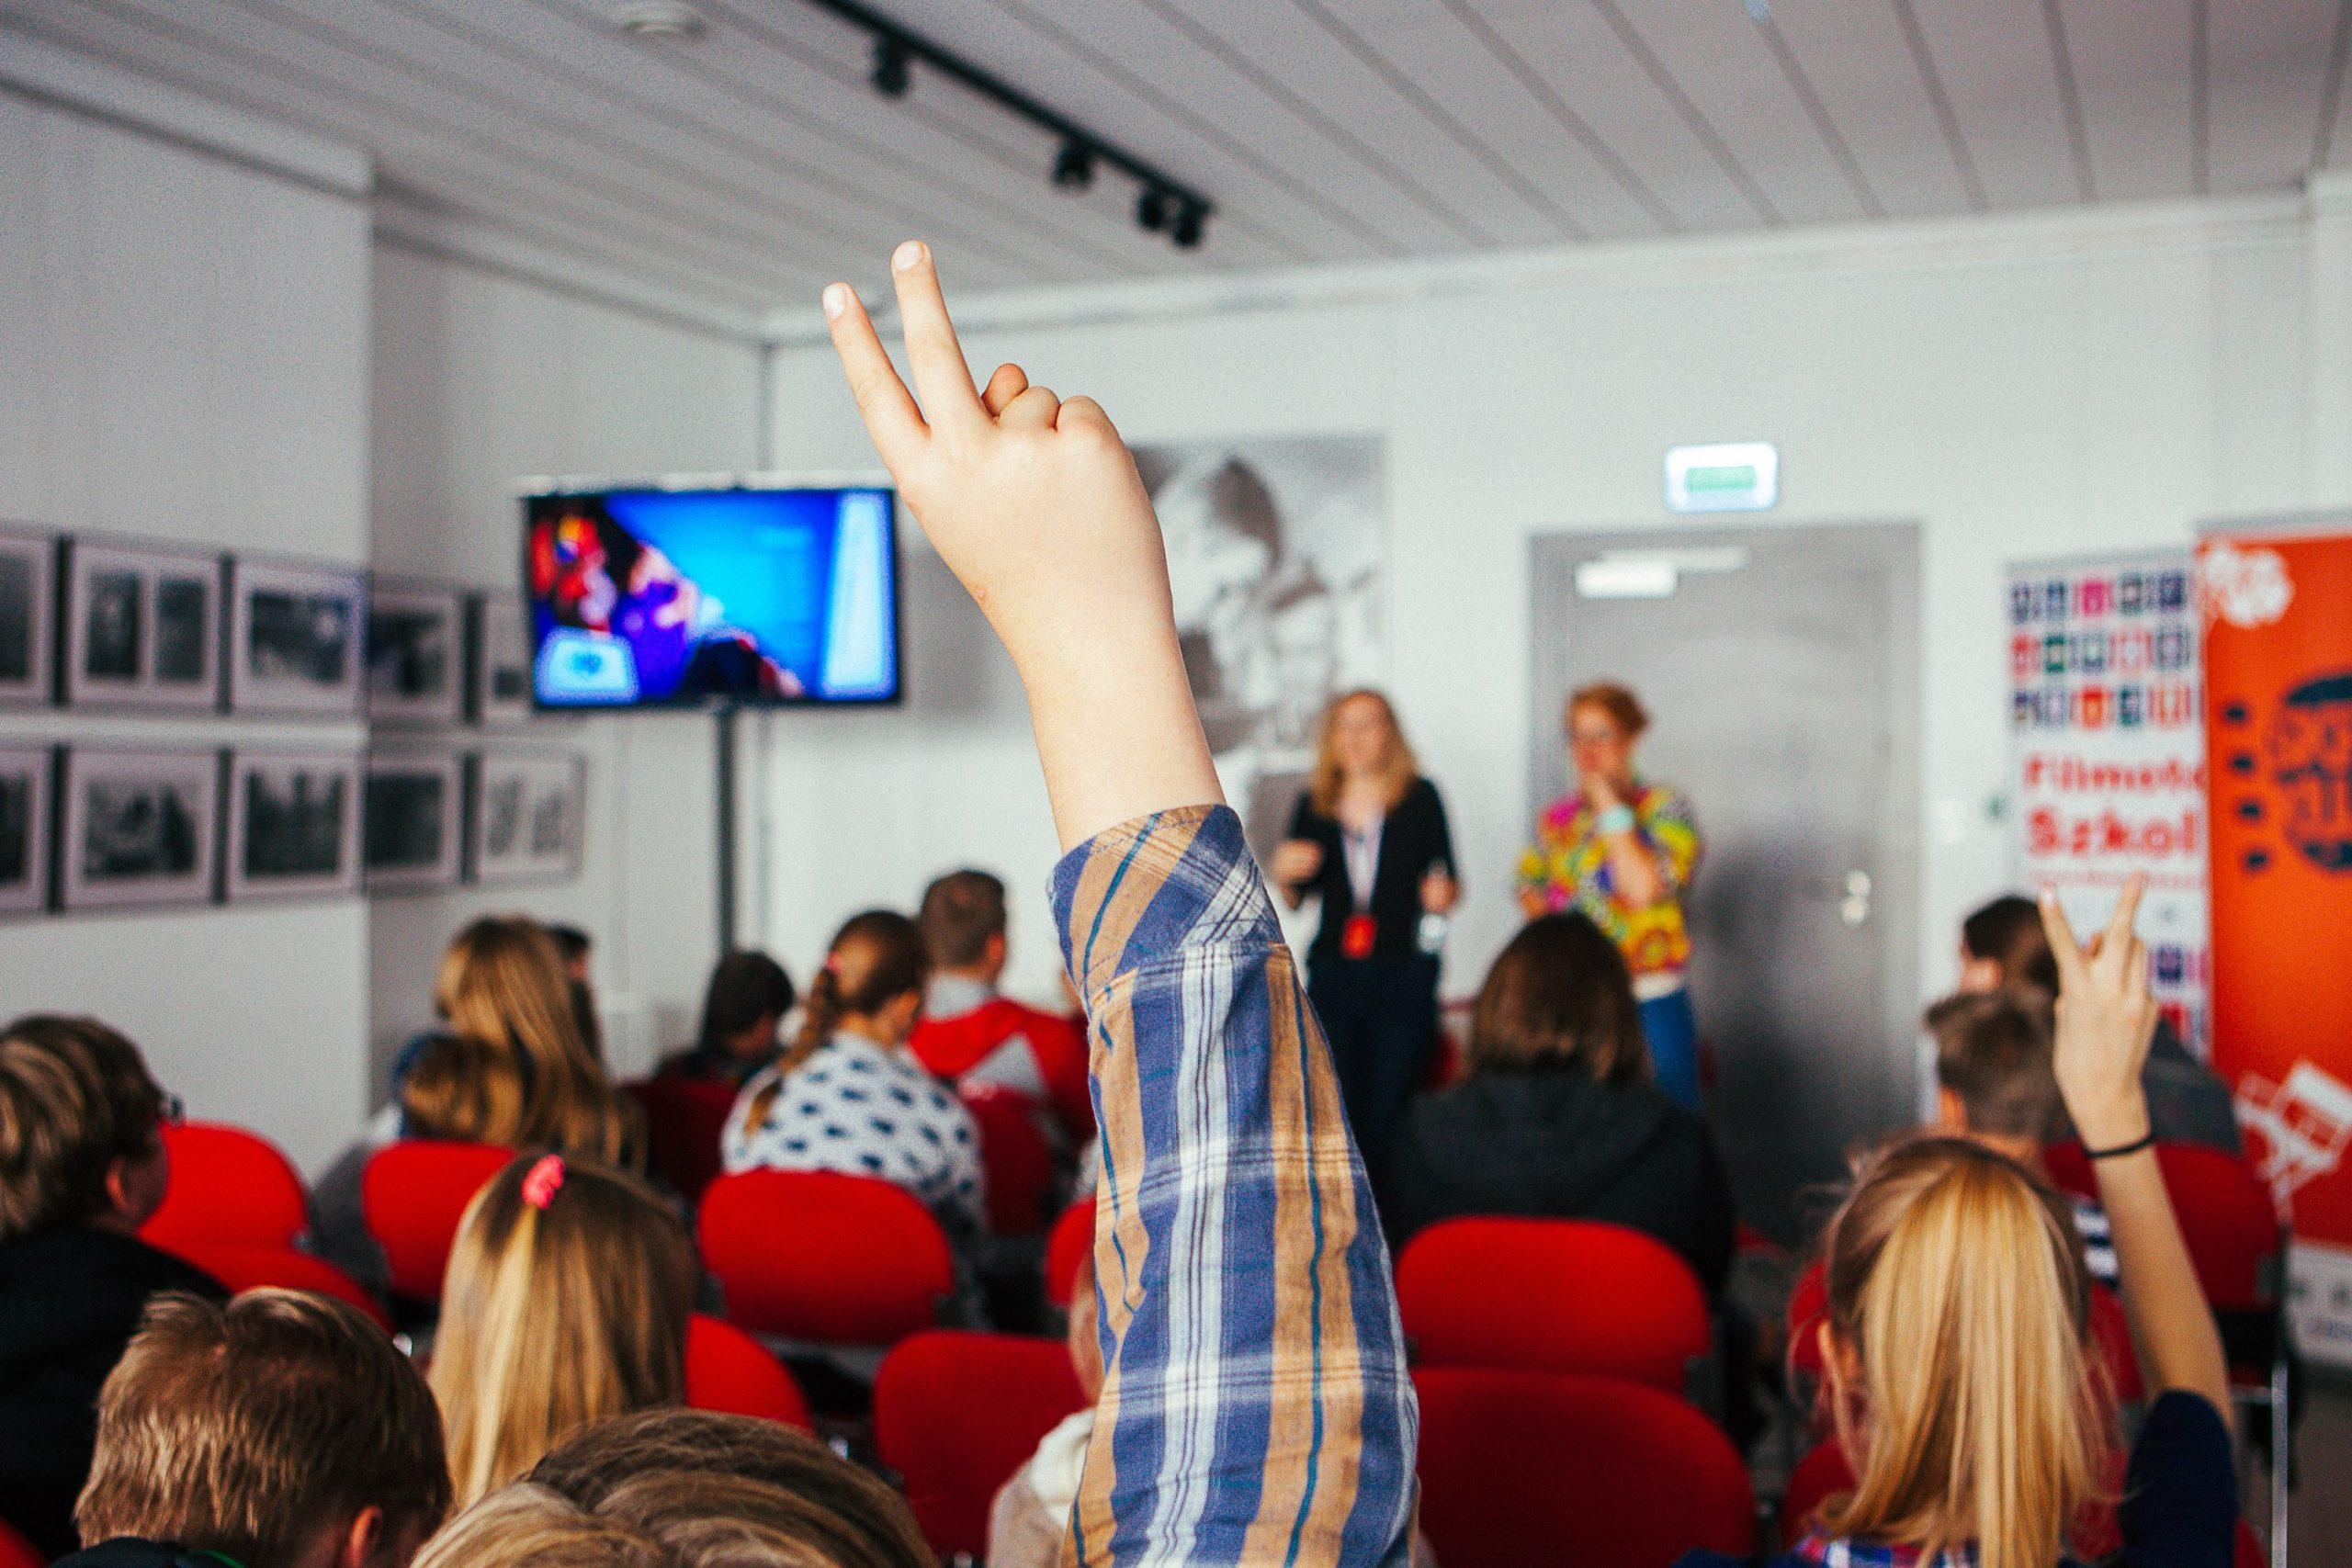 sala szkolna multimedialna, uczniowie siedzą na pufach, jedna osoba podnosi rękę